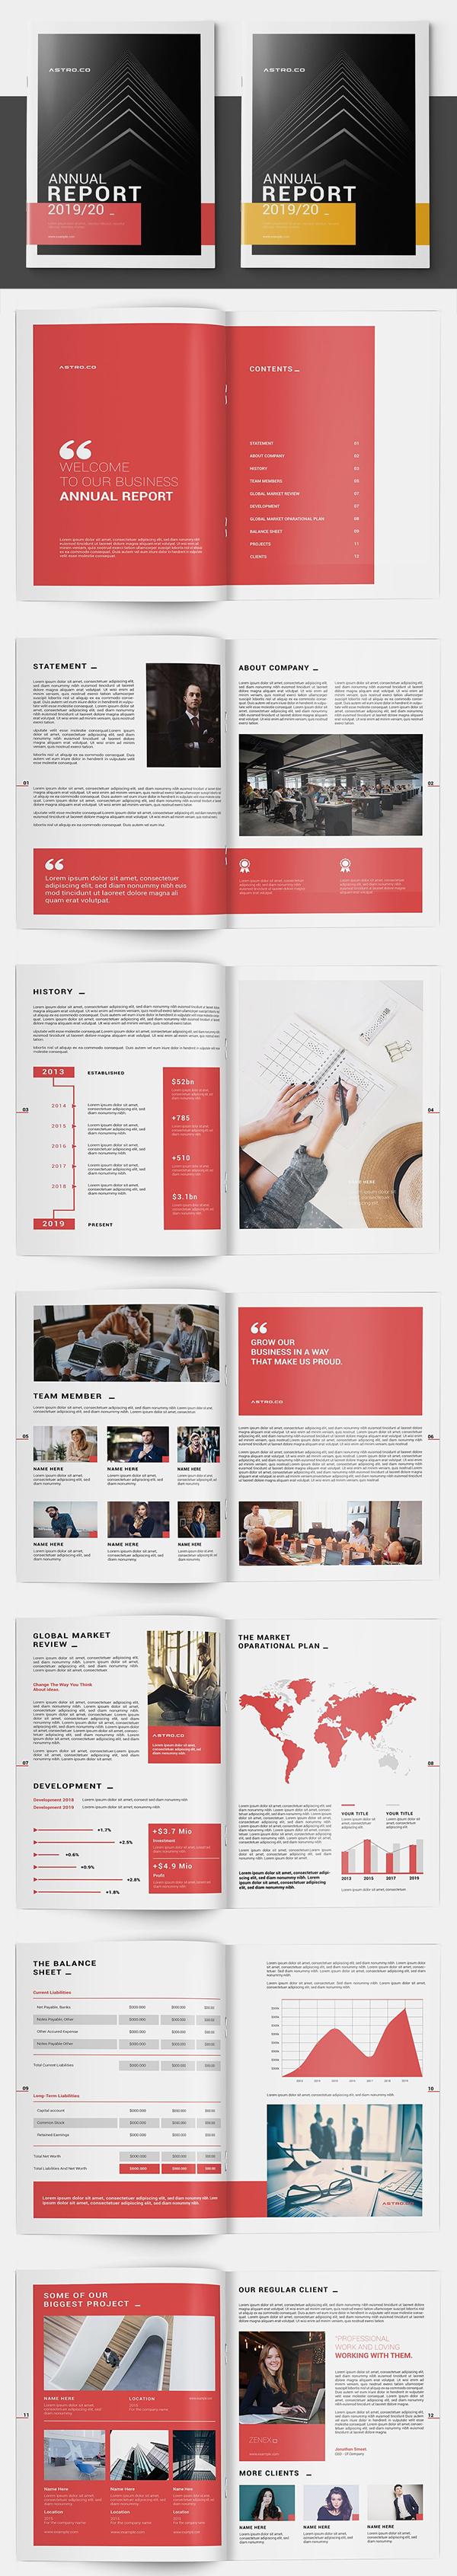 Creative Annual Report